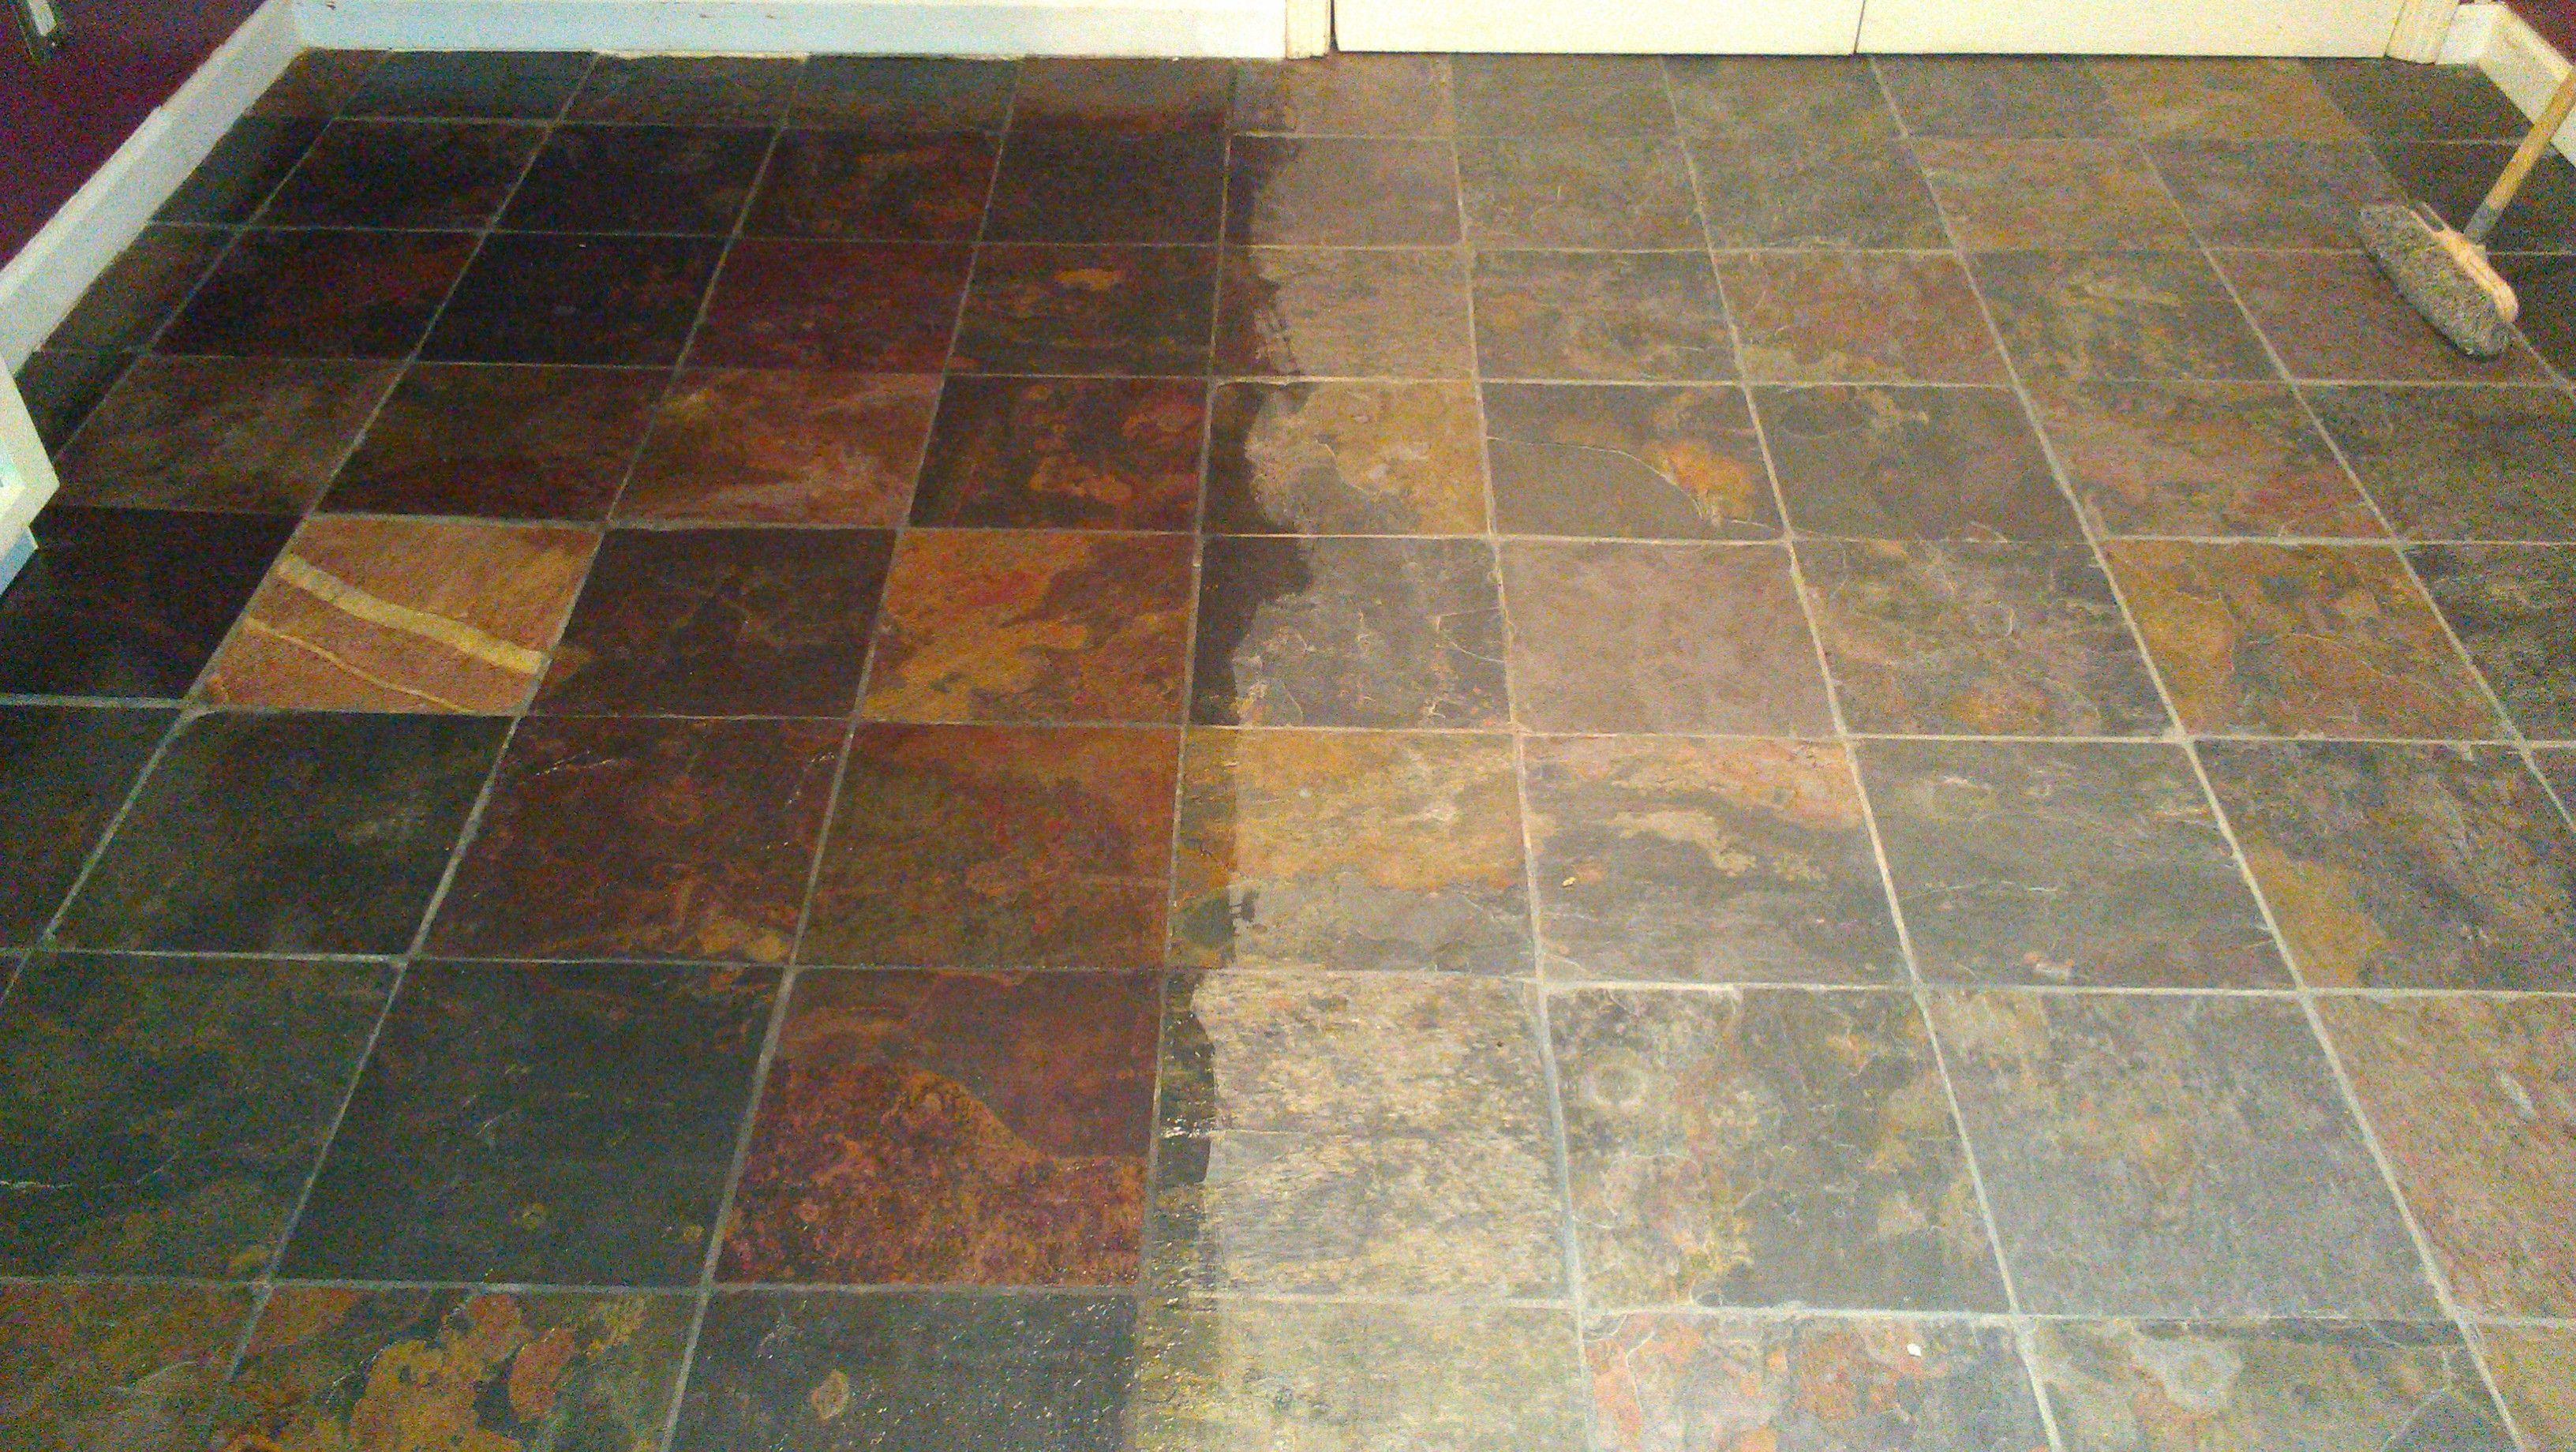 Seal For Tile Floors Httpnextsoft21 Pinterest Tile